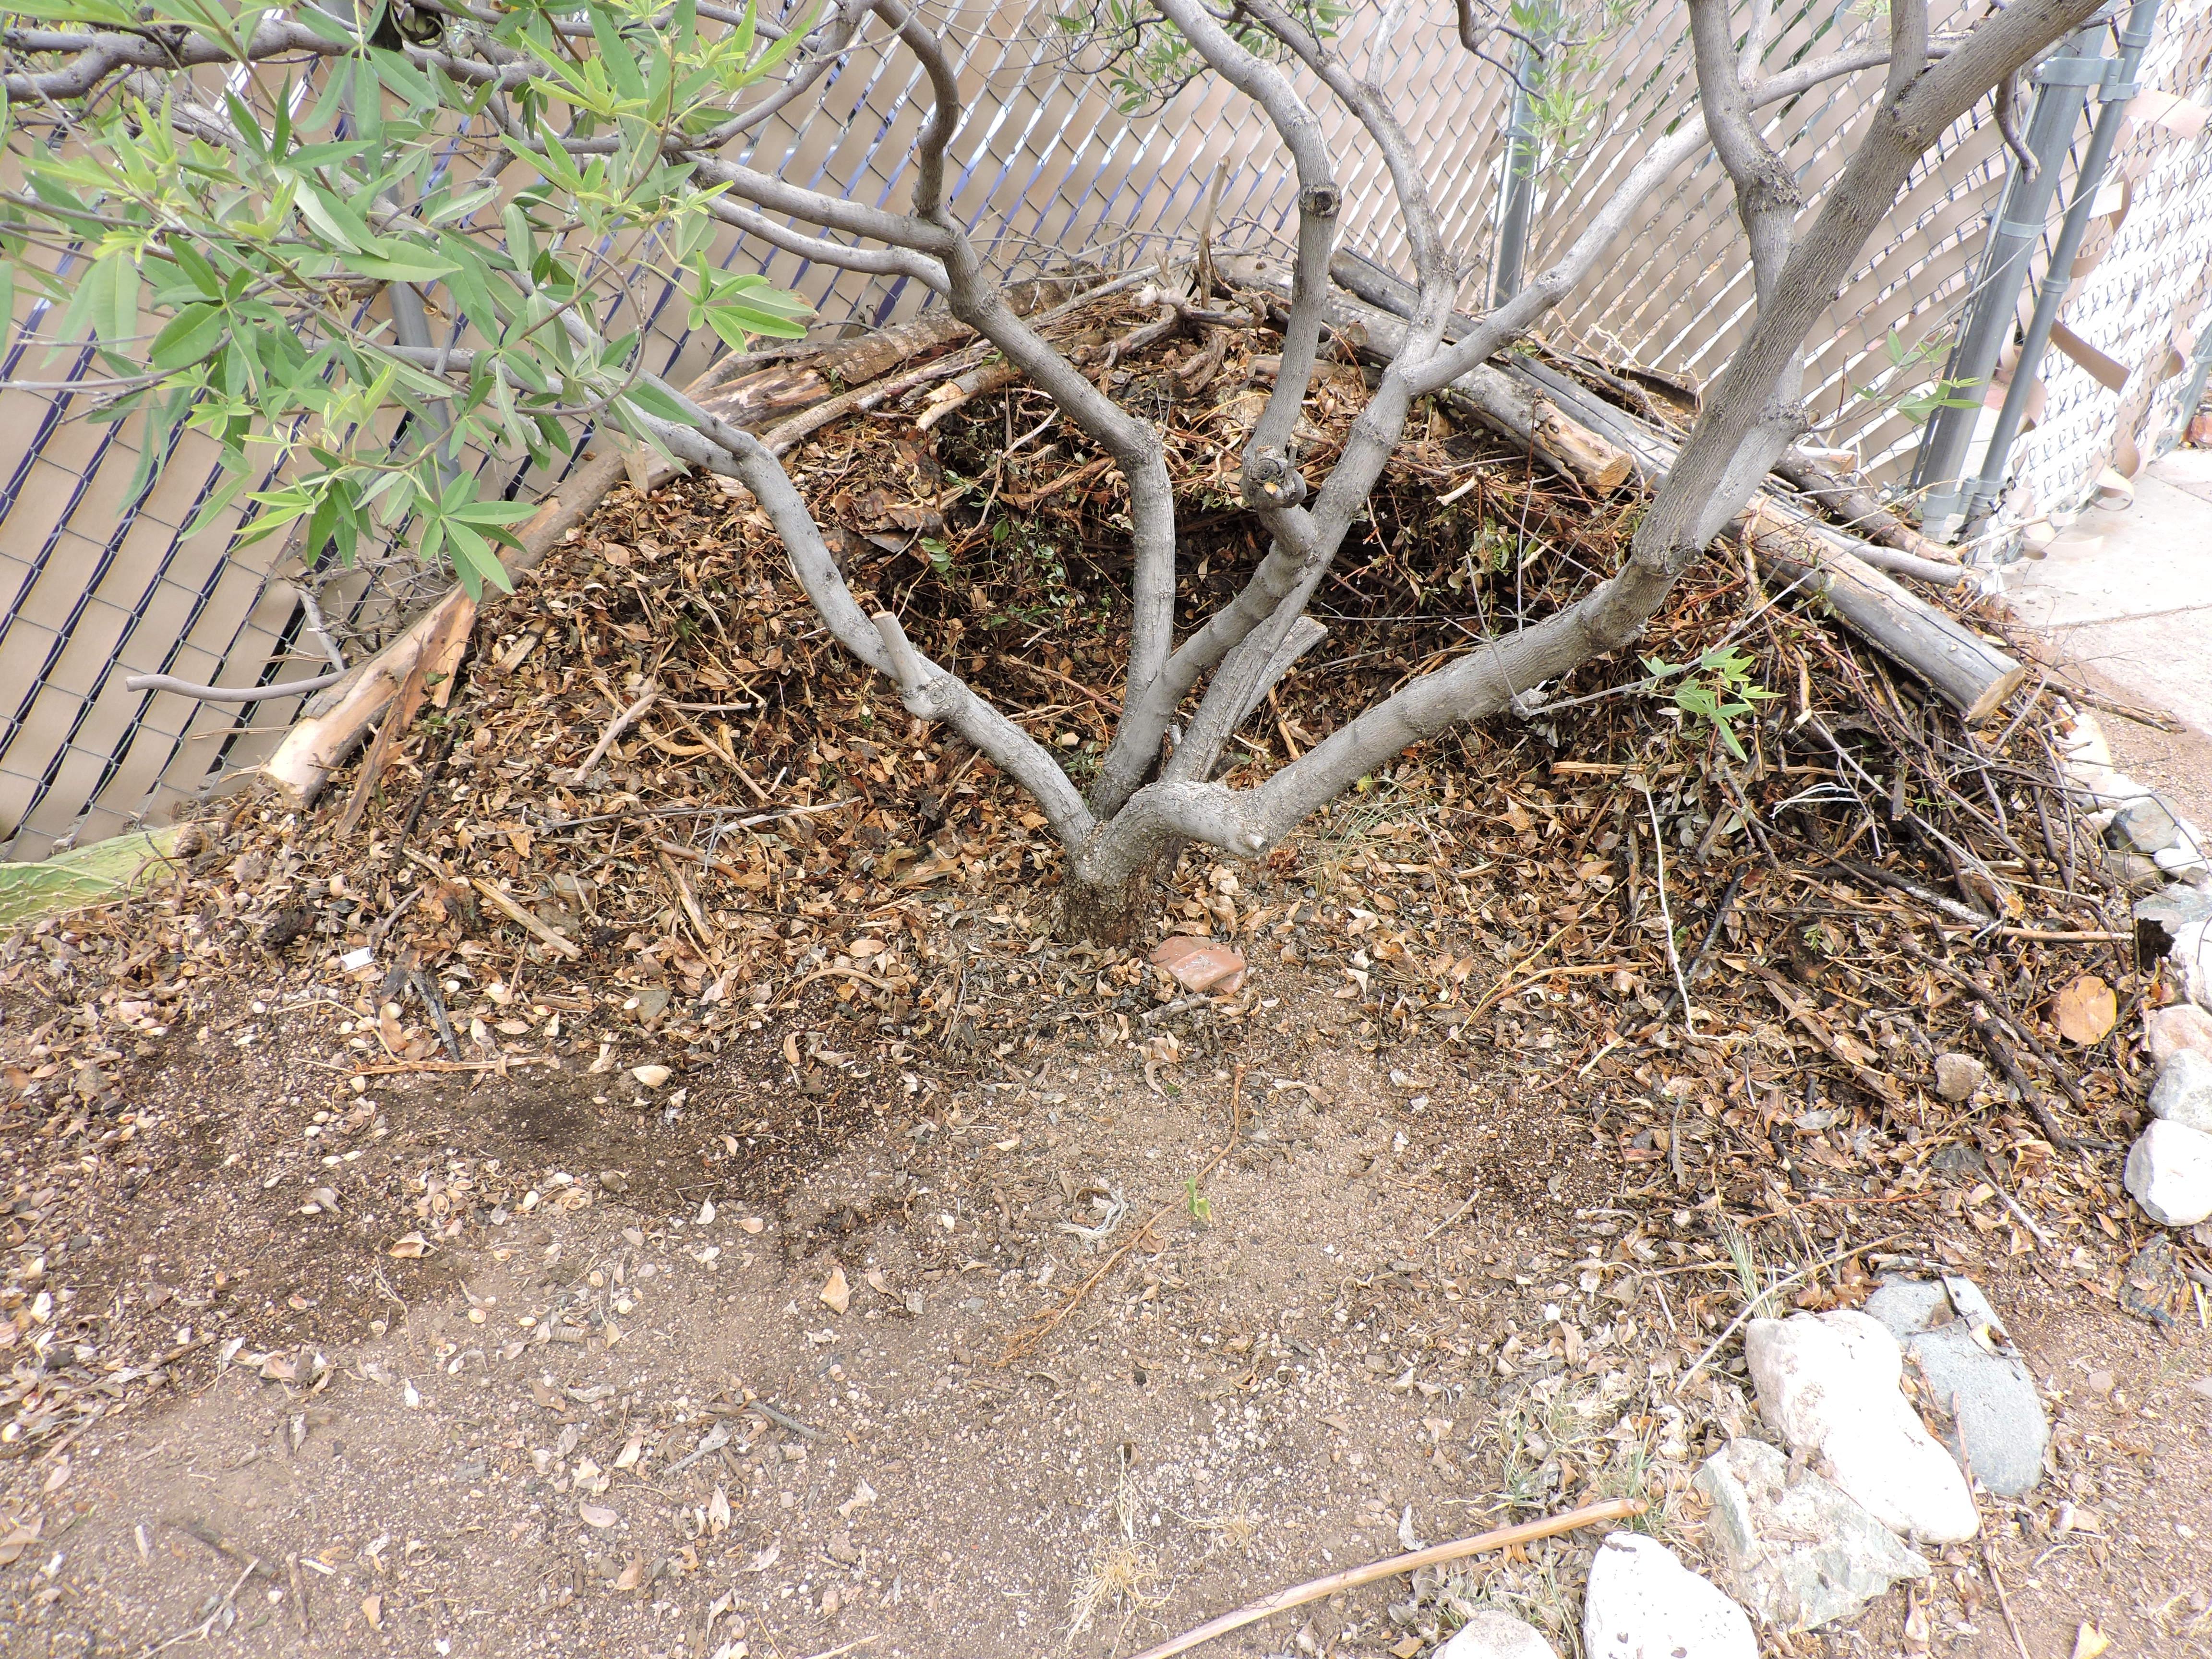 above ground mound